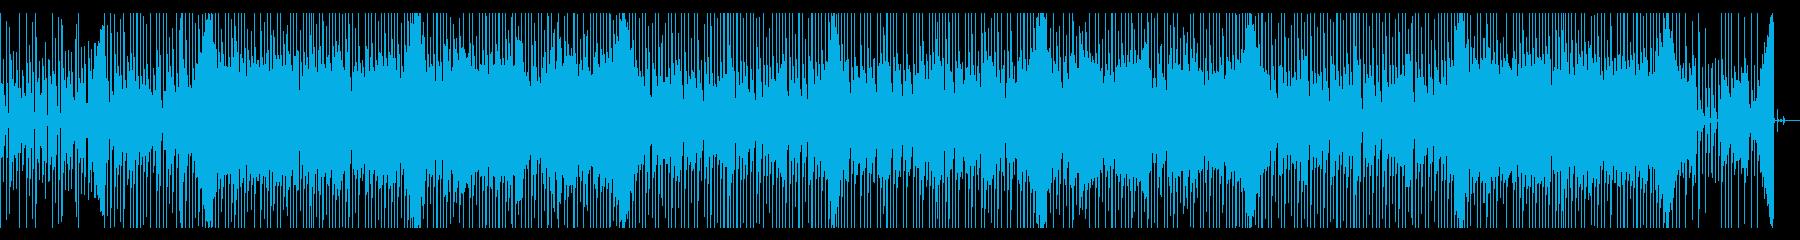 軽快な気分で走り出しそうになる曲の再生済みの波形